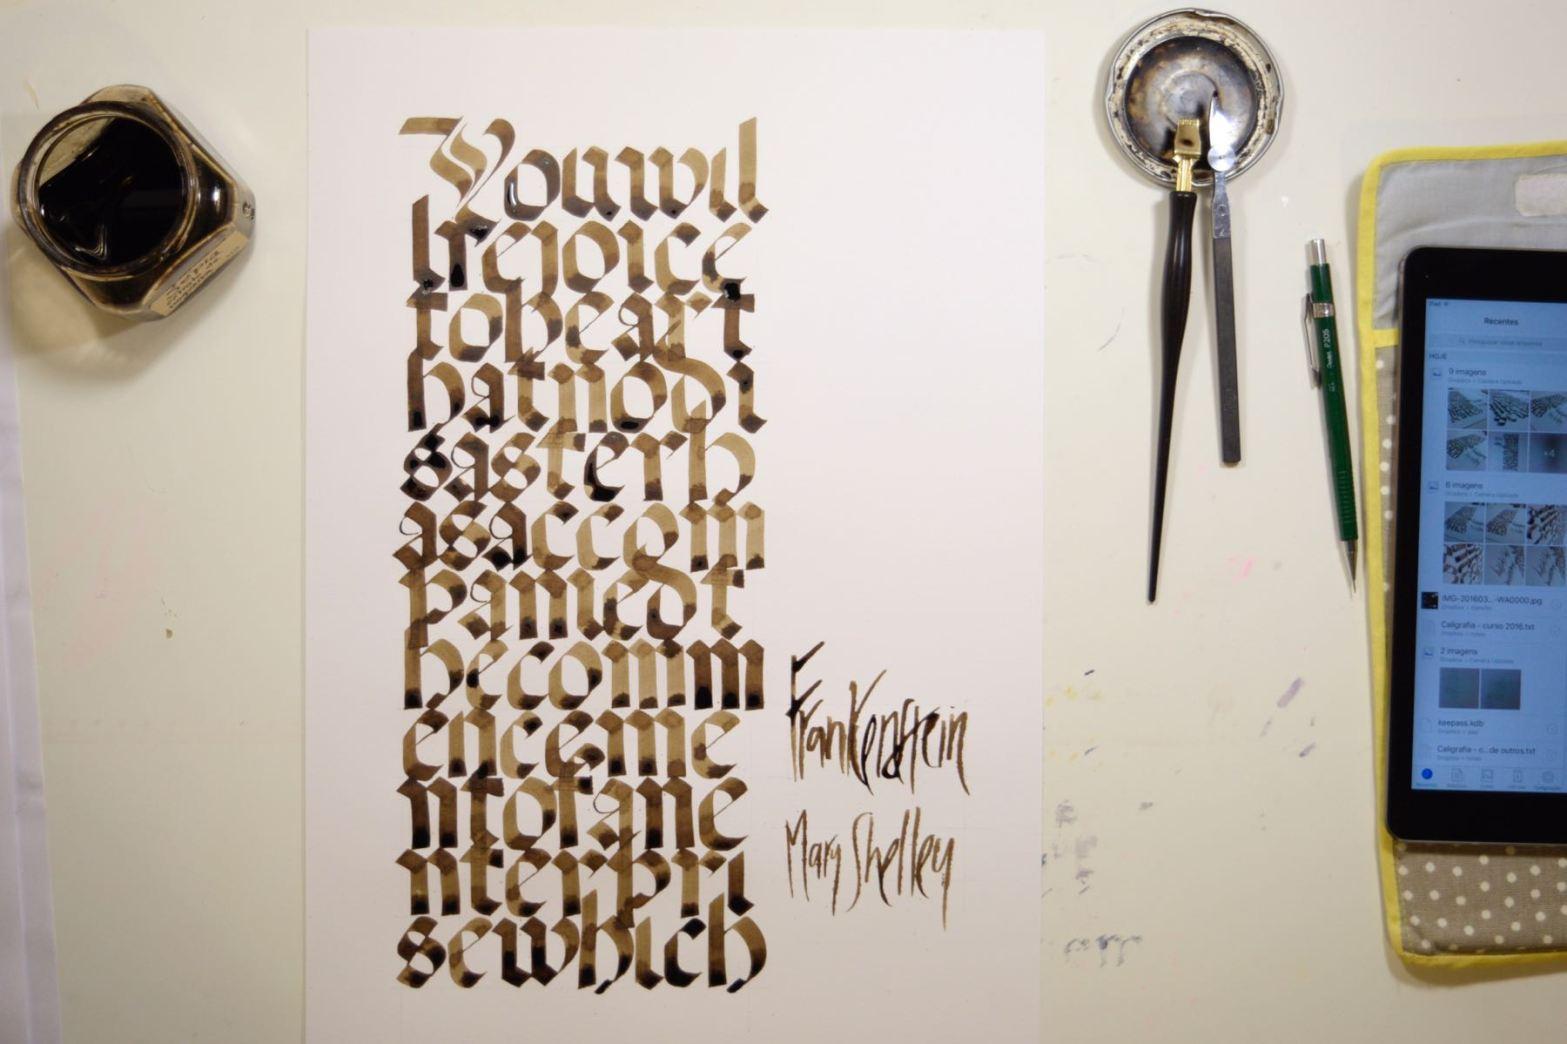 Trabalho de caligrafia em letras góticas fotografado com materiais de caligrafia